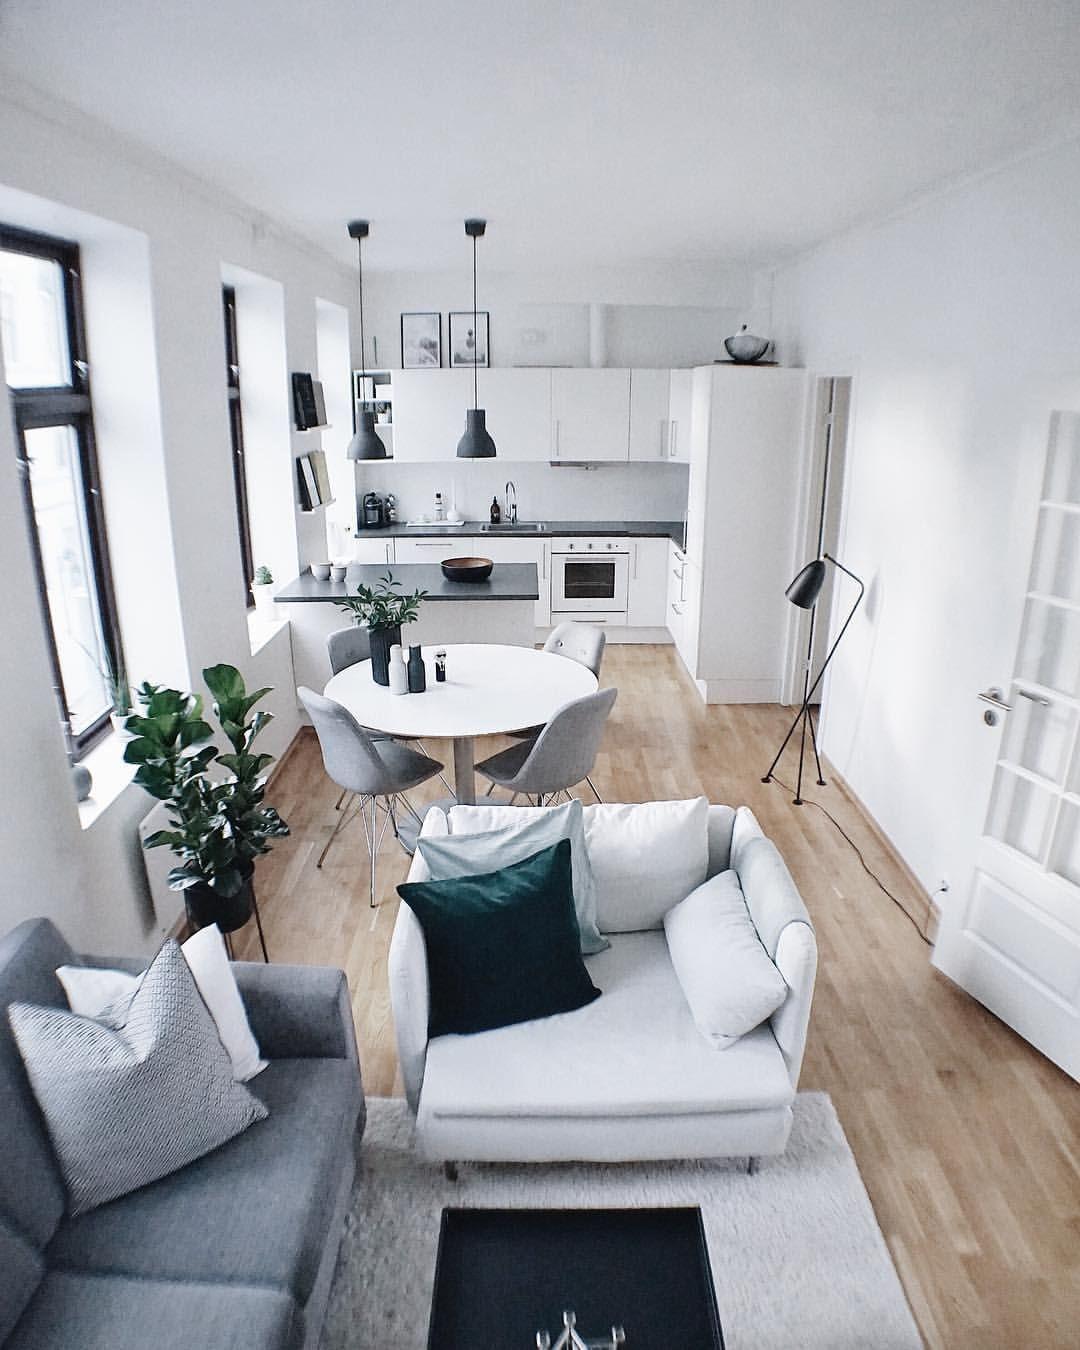 Einzigartig Wohnung Schlafzimmer Design Ideen Dekorieren: Haus, Wohnung Möbel Und Wohnzimmer